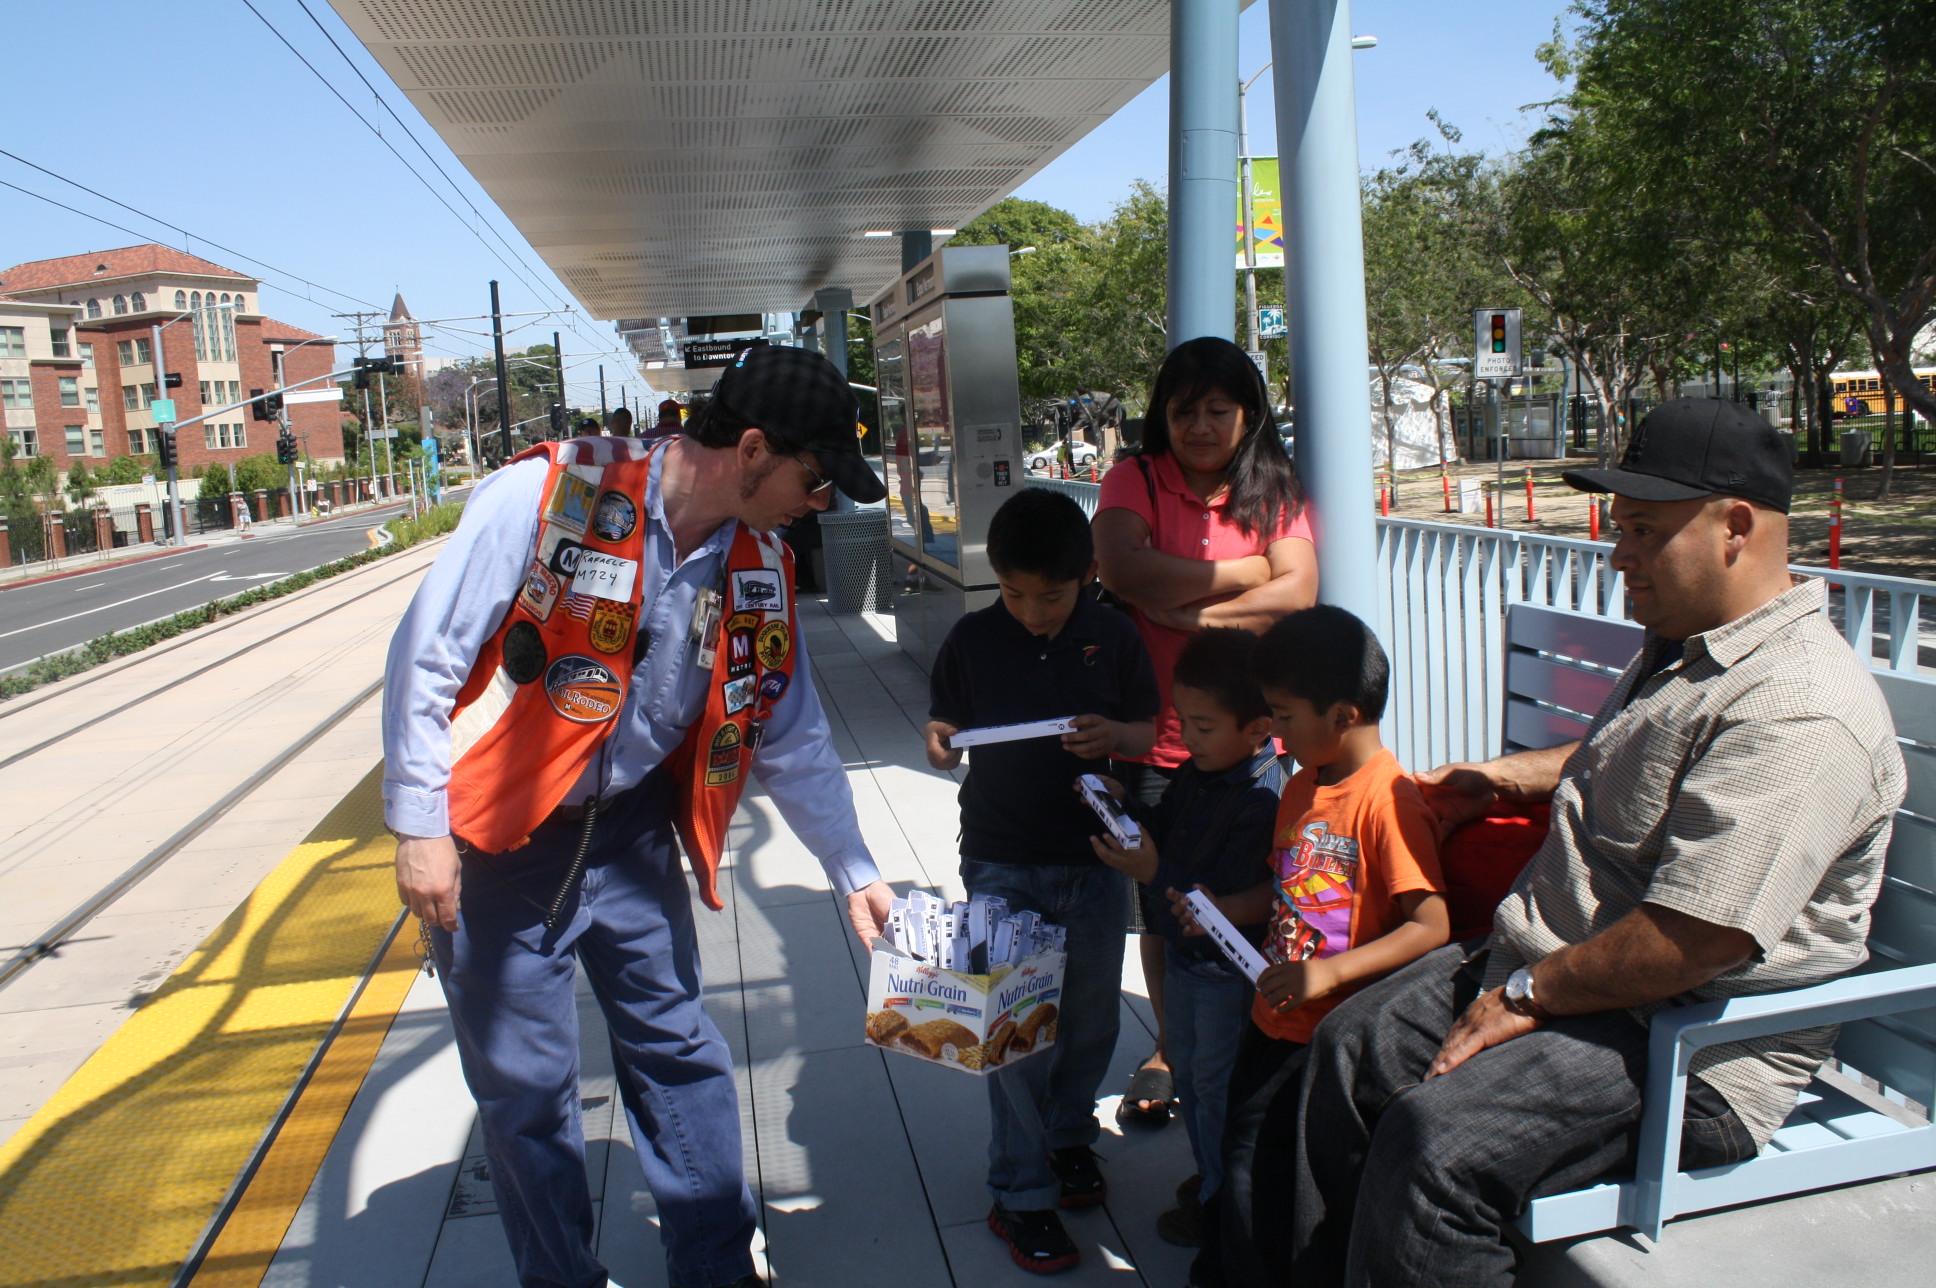 Personal de Metro estuvo dando guías, información, programas y trenes para armar para los niños que viajaron el día de hoy (Foto de Agustín Durán/El Pasajero)